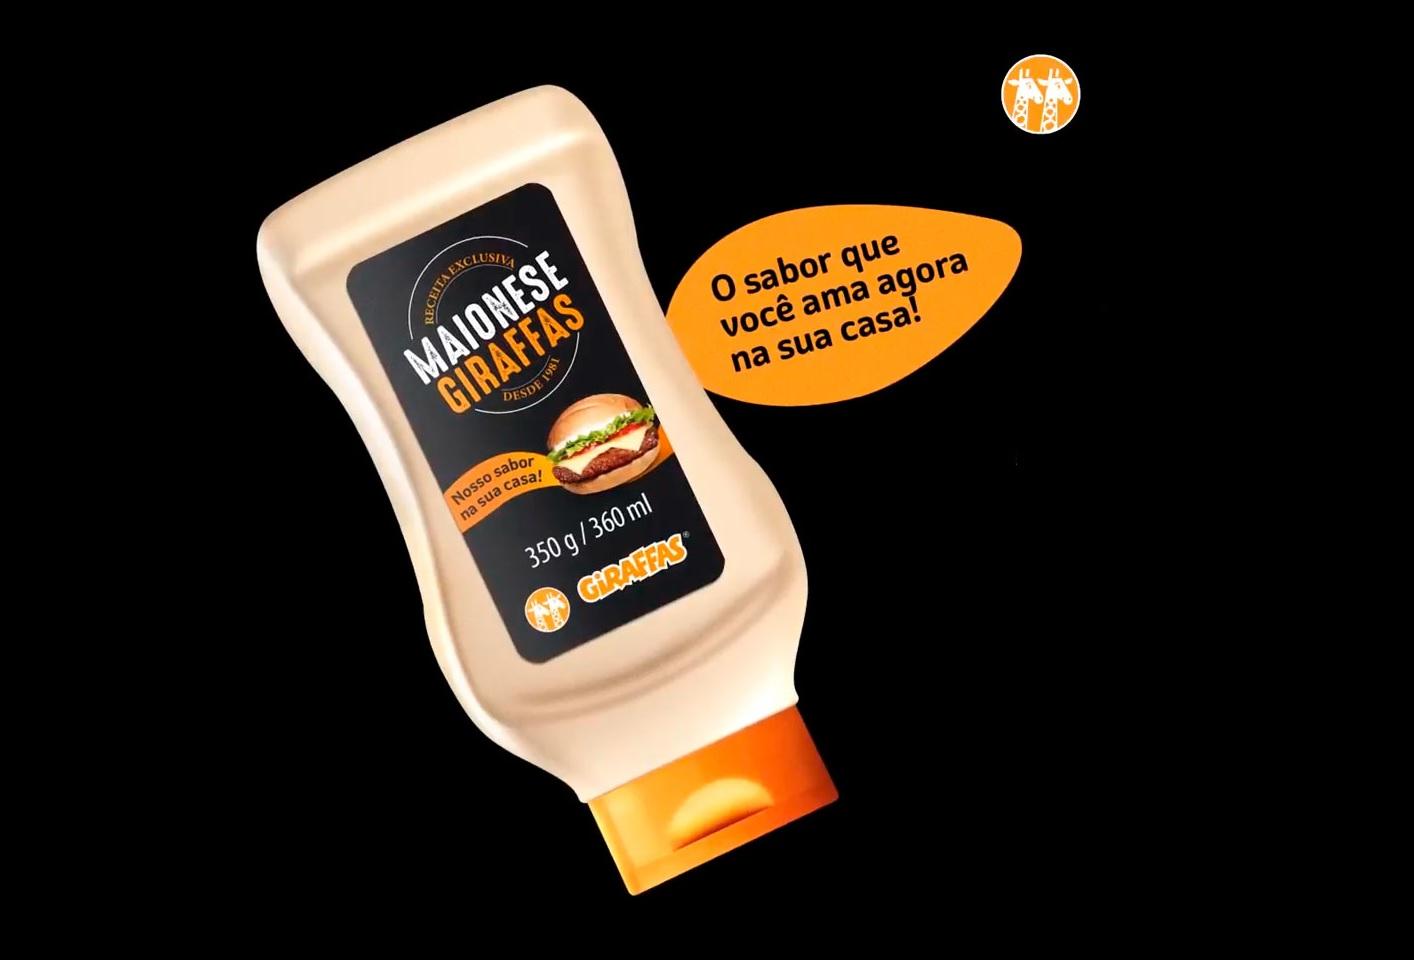 Fast food brasileiro Giraffas anuncia sua própria linha de maionese